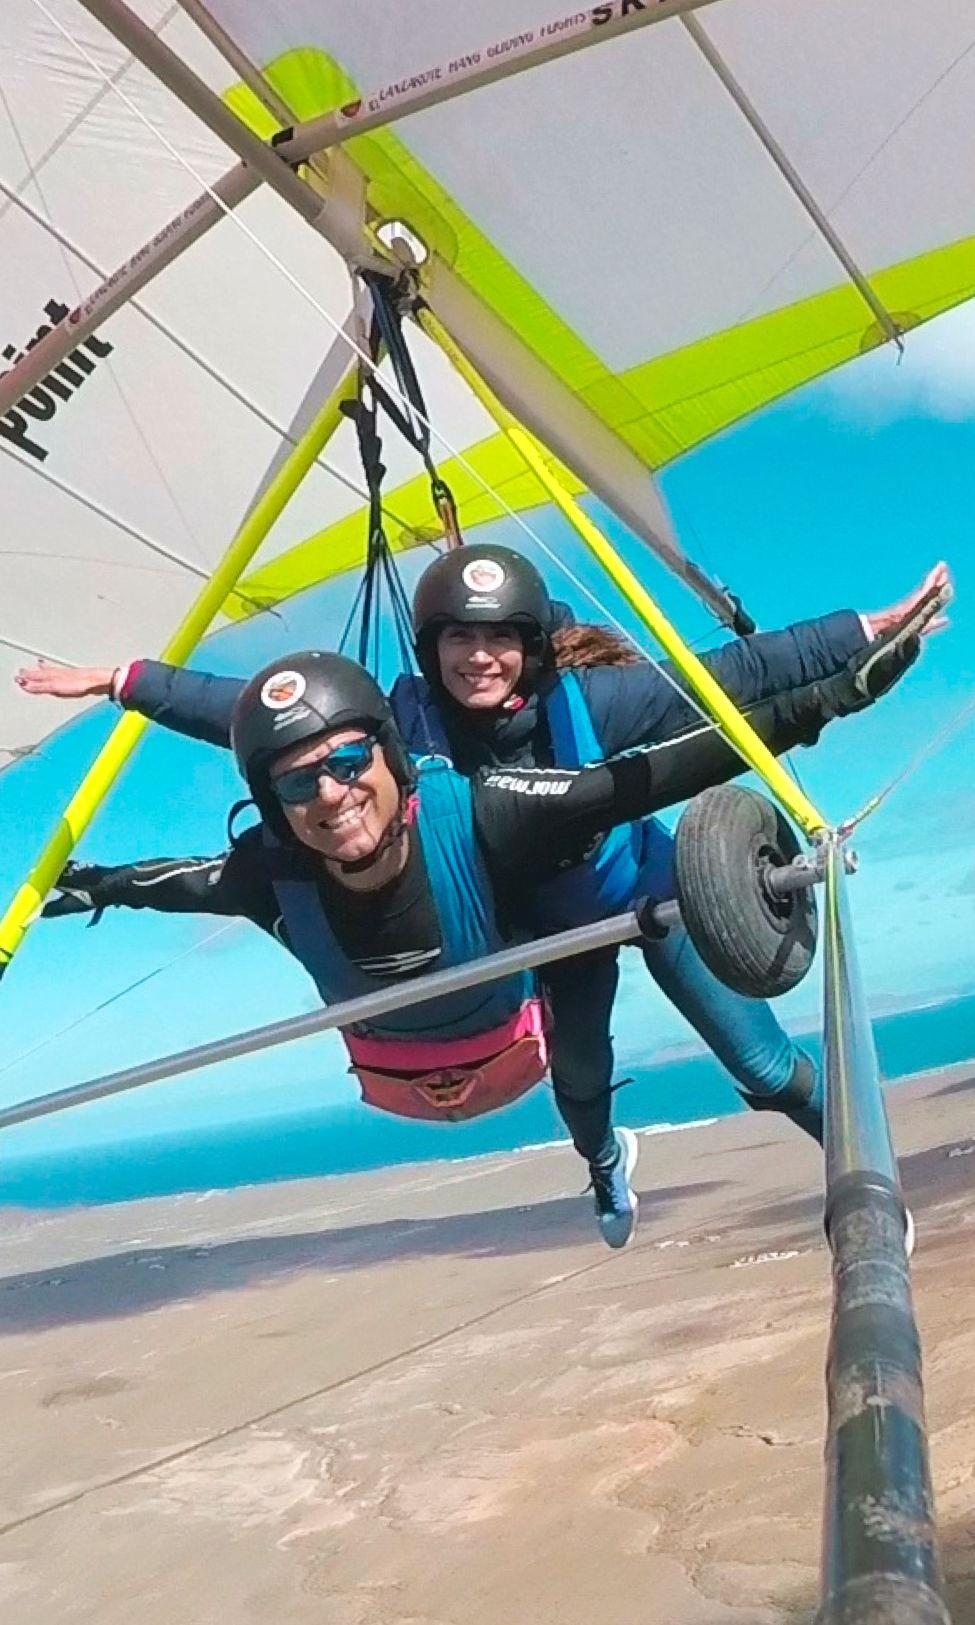 Hang Gliding Tandem Biplaza Ala Delta Lanzarote